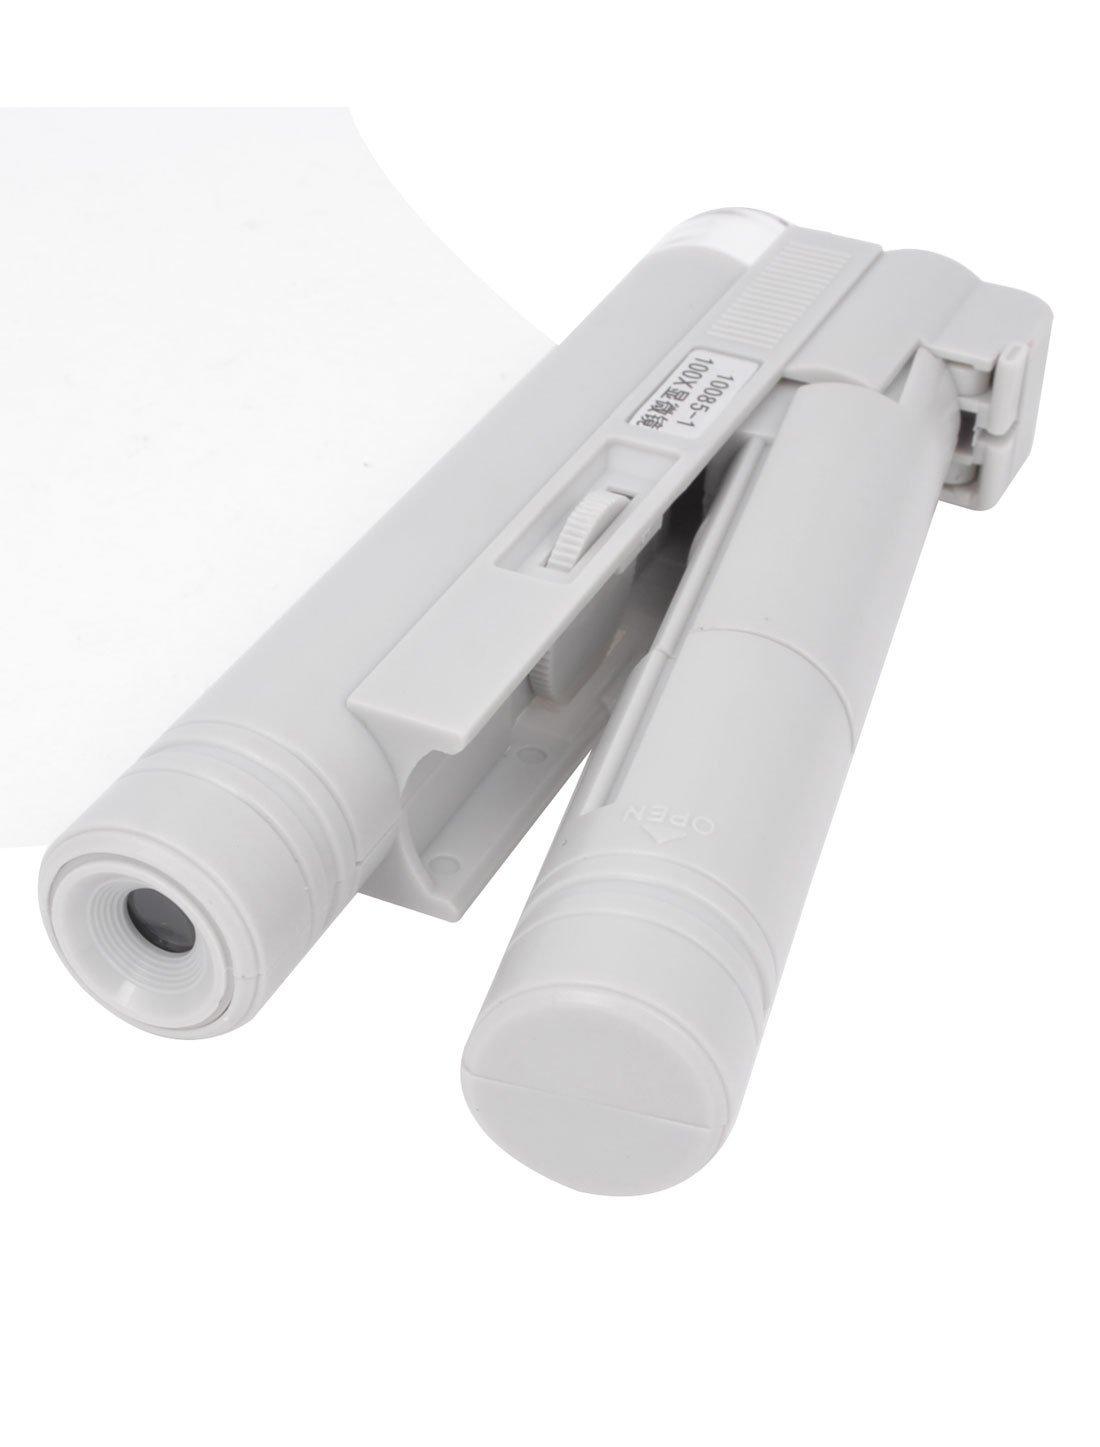 Amazon.com: eDealMax de Estar fuera de Blanca El enfoque de luz LED iluminado Microscopio 100X: Health & Personal Care